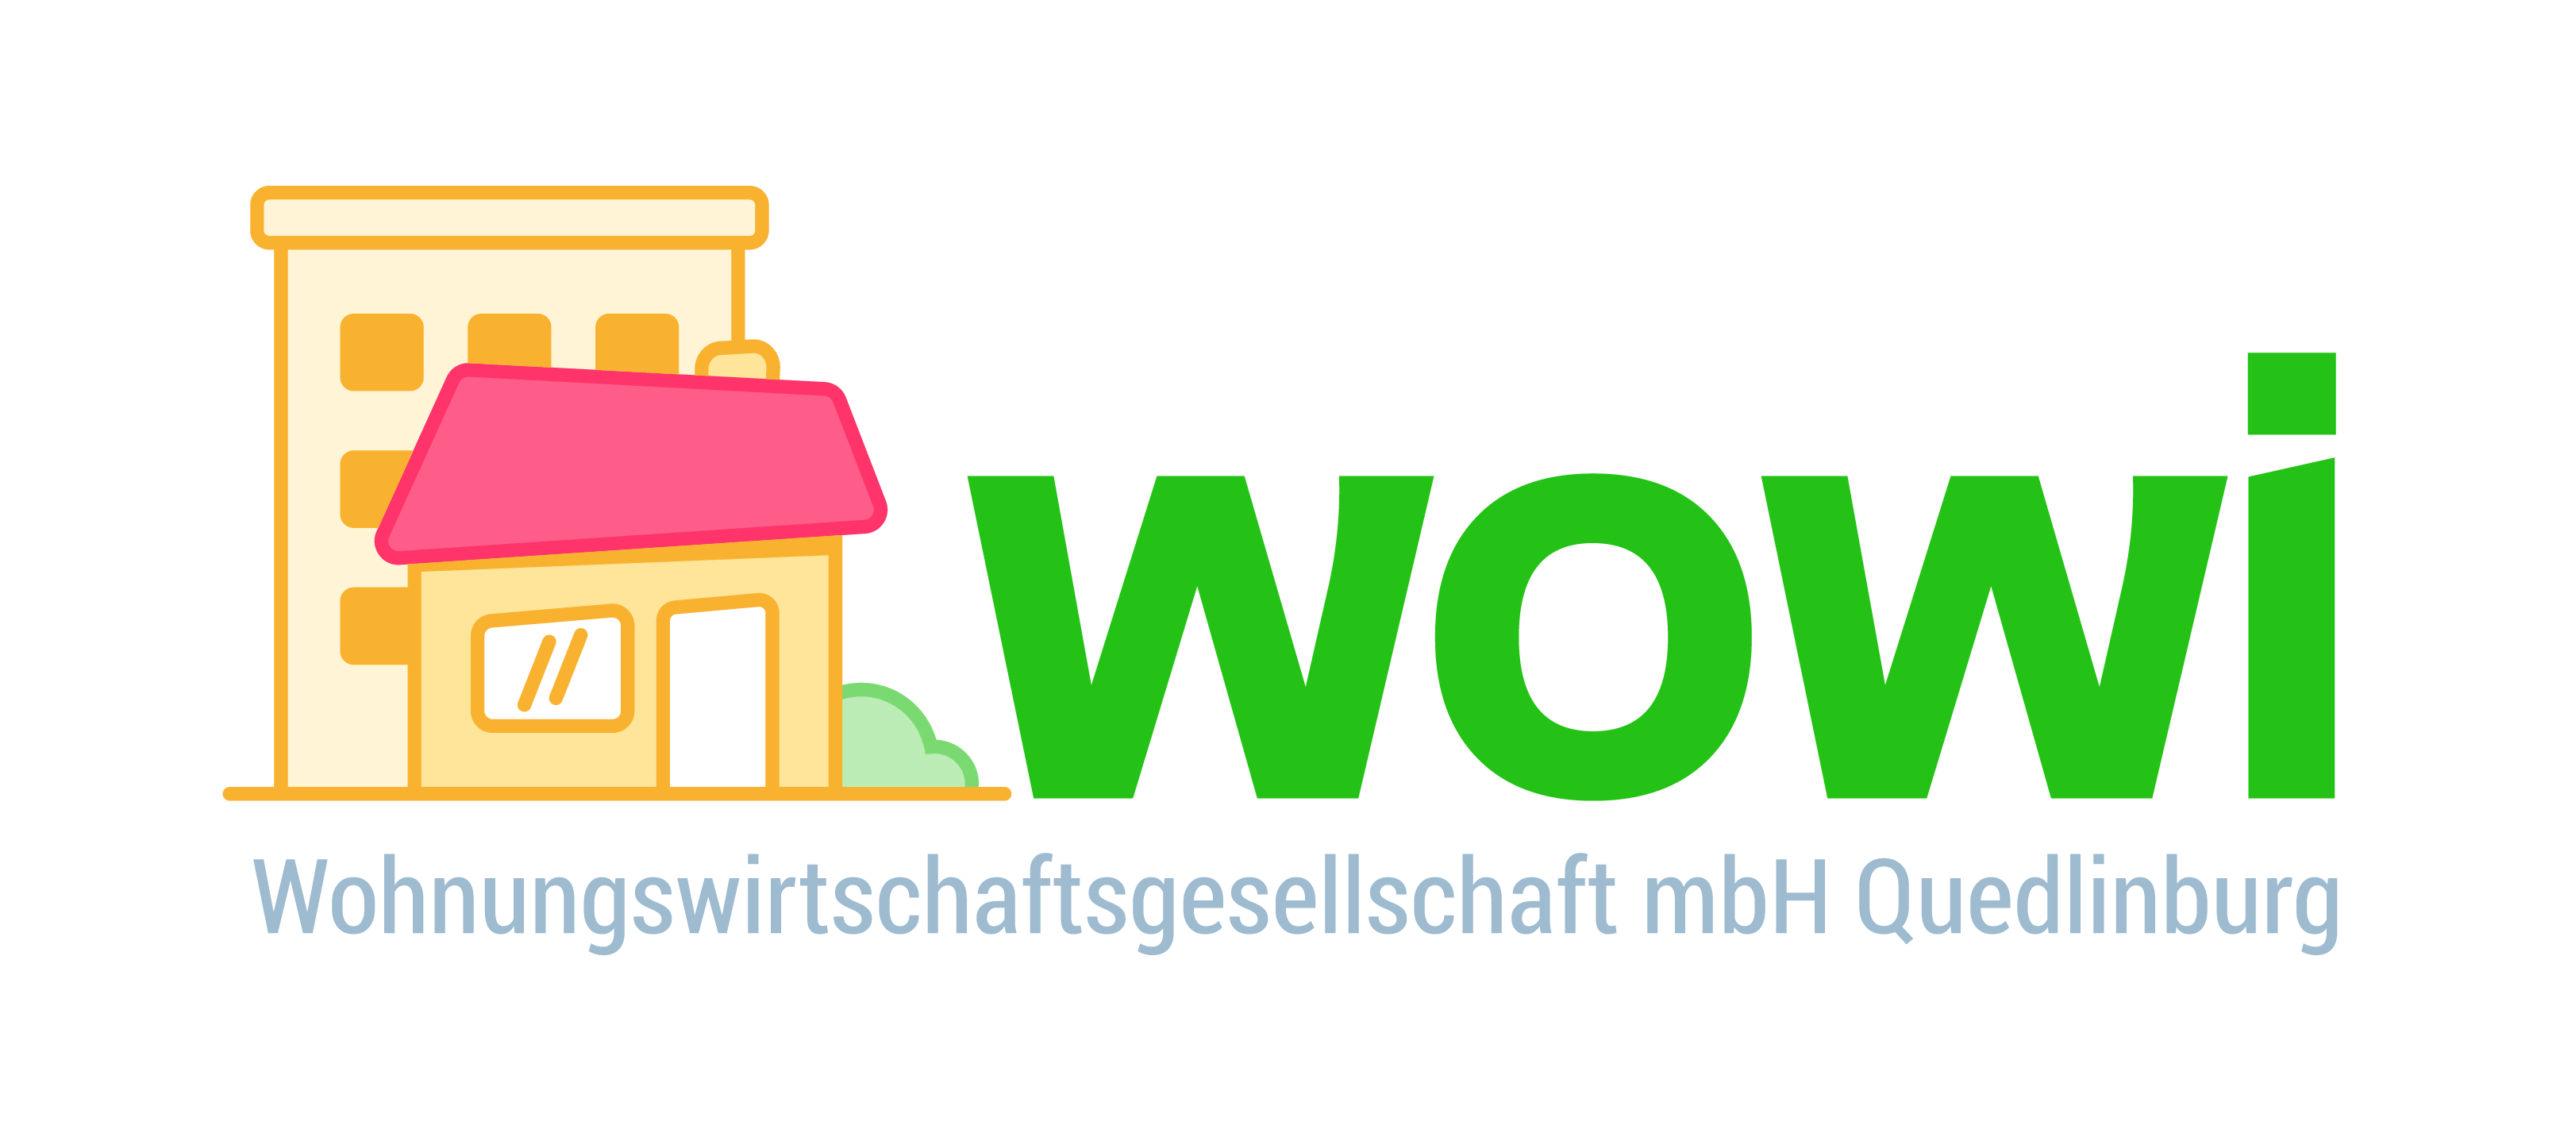 Wohnungswirtschaftsgesellschaft mbH Quedlinburg